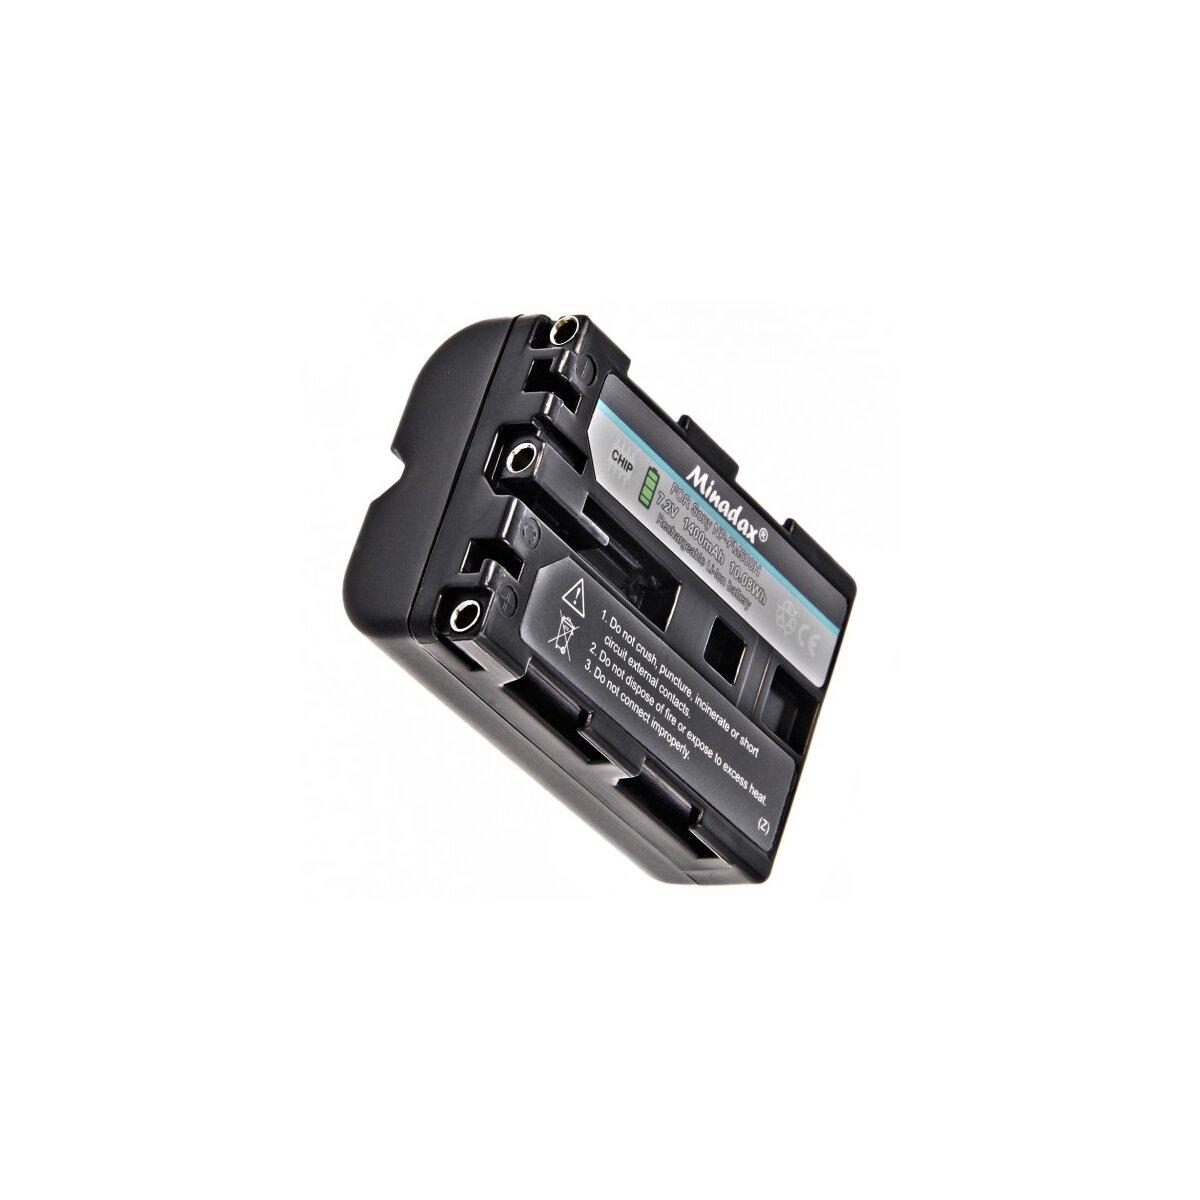 Minadax Li-Ion Akku kompatibel mit Sony Alpha A900, A850, A700, A560, A550, A500, A350, A300, A200, A100, A99, A77, A65, A58, A57 - Ersatz für NP-FM500H Akku